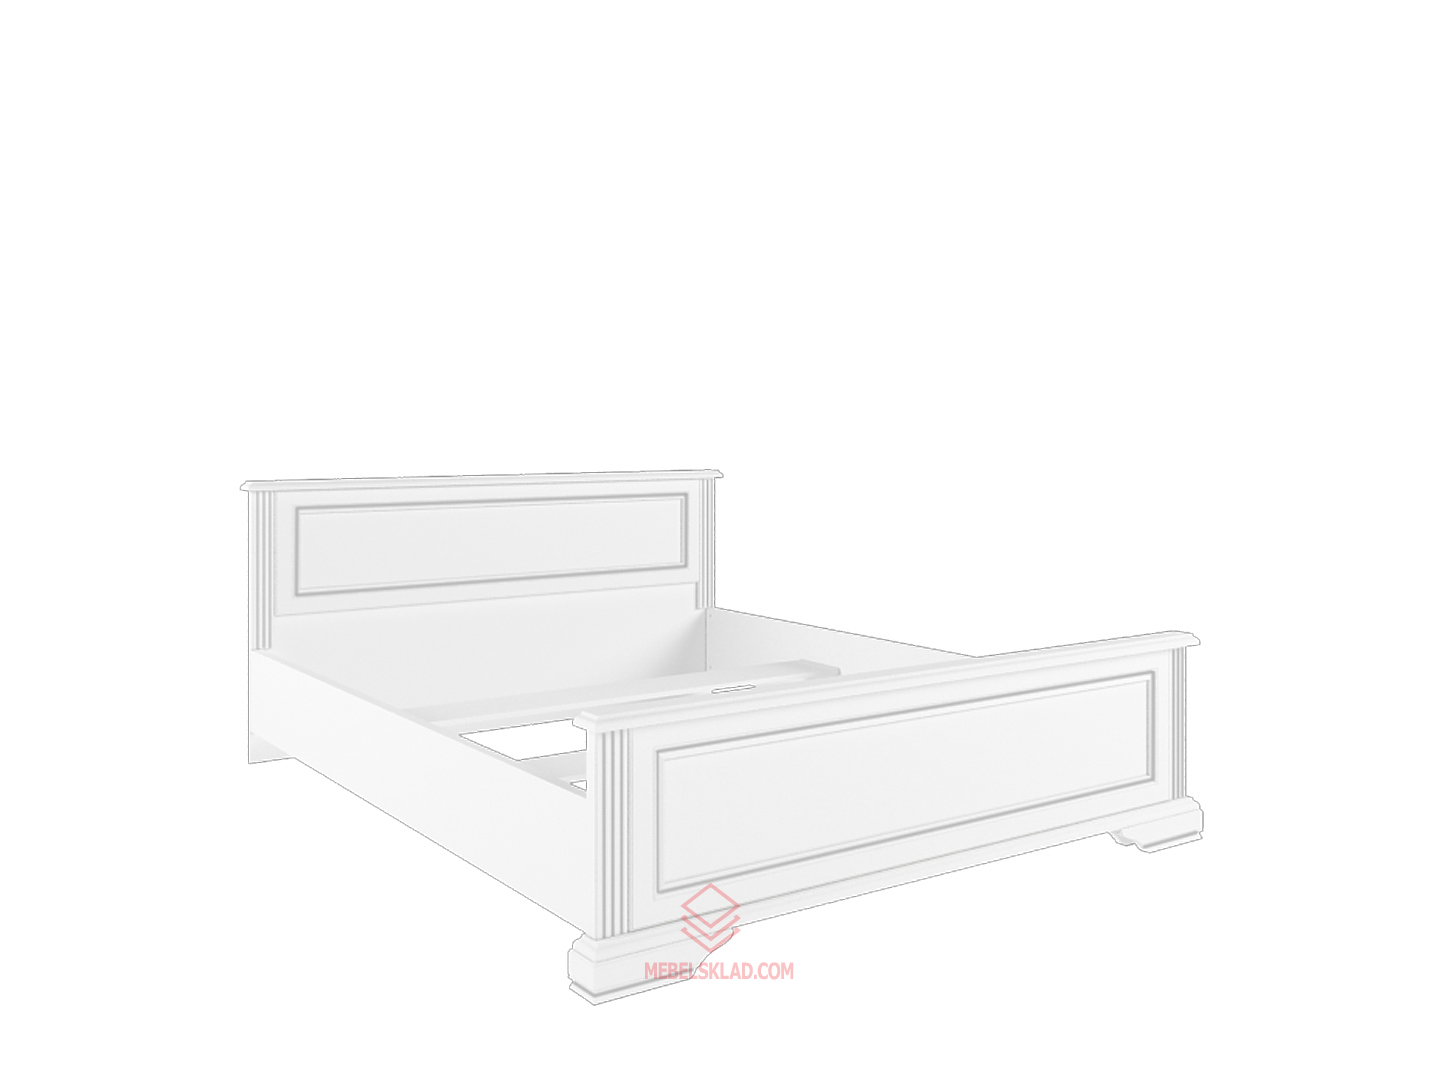 Кровать с основанием гибким LOZ180х200 сосна серебряная ВАЙТ за 22735 ₽